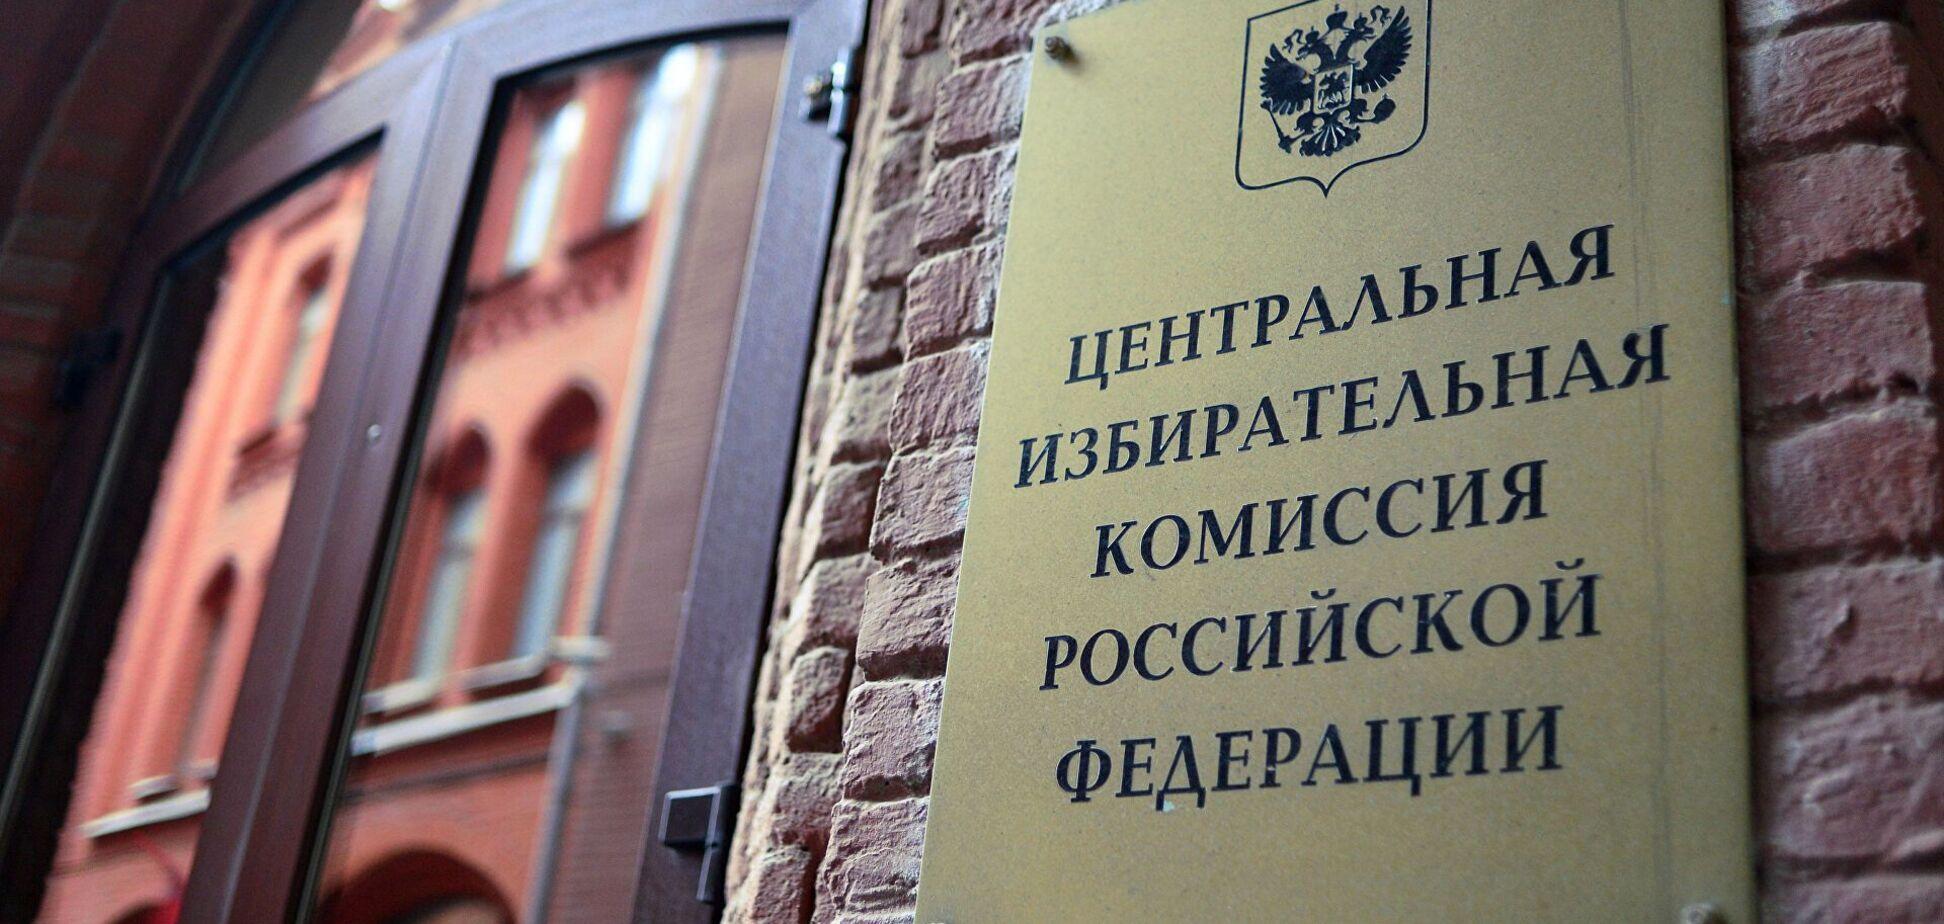 Зачем в России разыгрывают карту 'Весь мир против нас!'